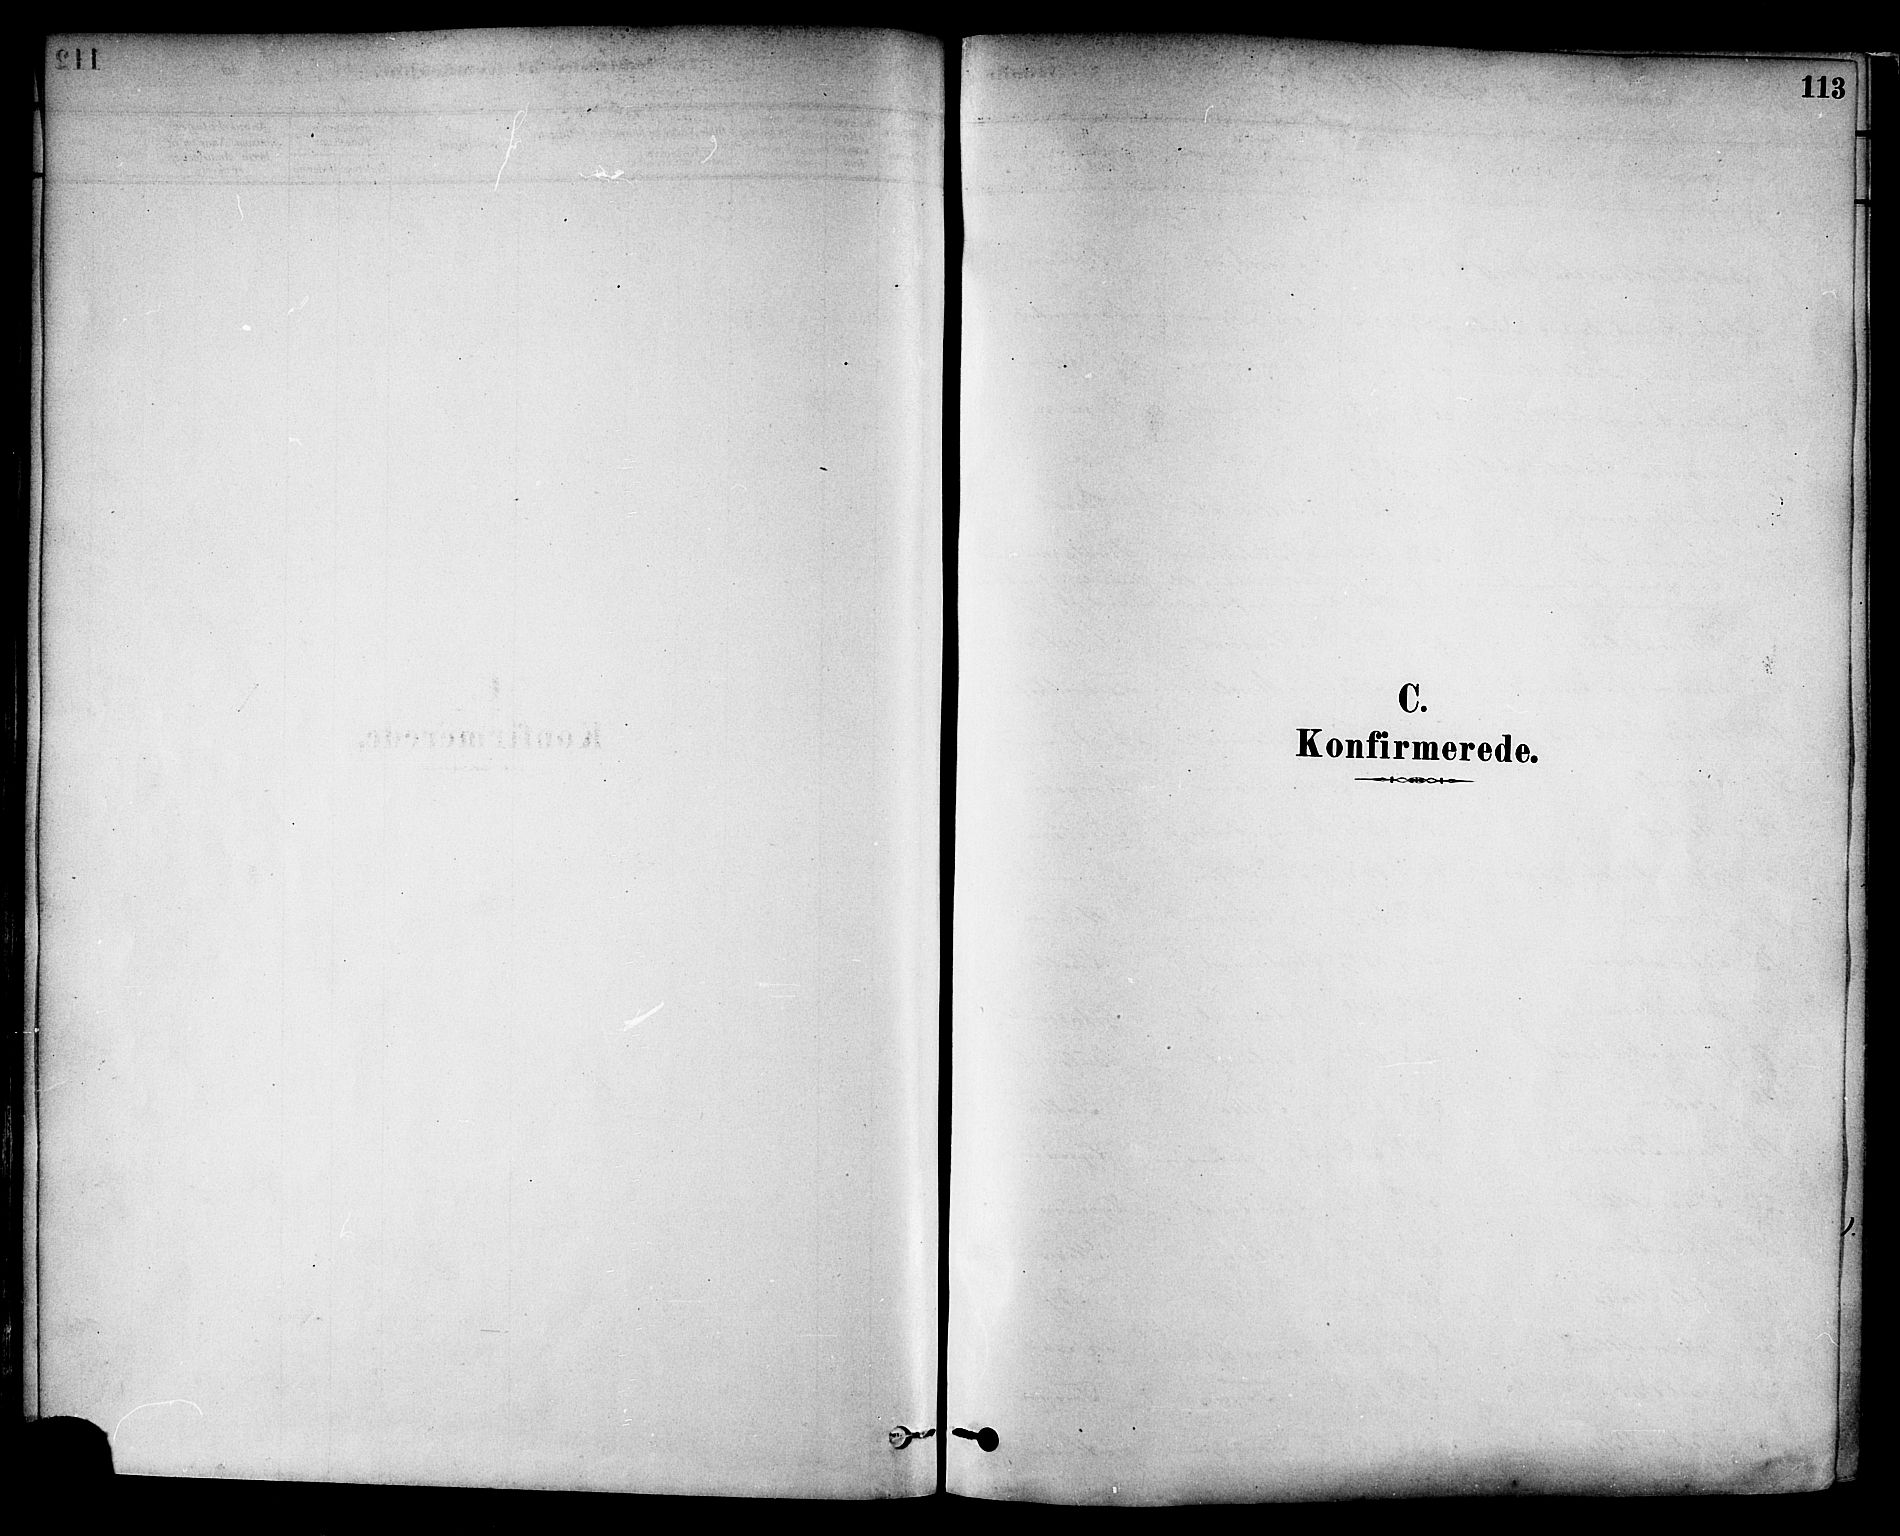 SAT, Ministerialprotokoller, klokkerbøker og fødselsregistre - Nord-Trøndelag, 717/L0159: Ministerialbok nr. 717A09, 1878-1898, s. 113